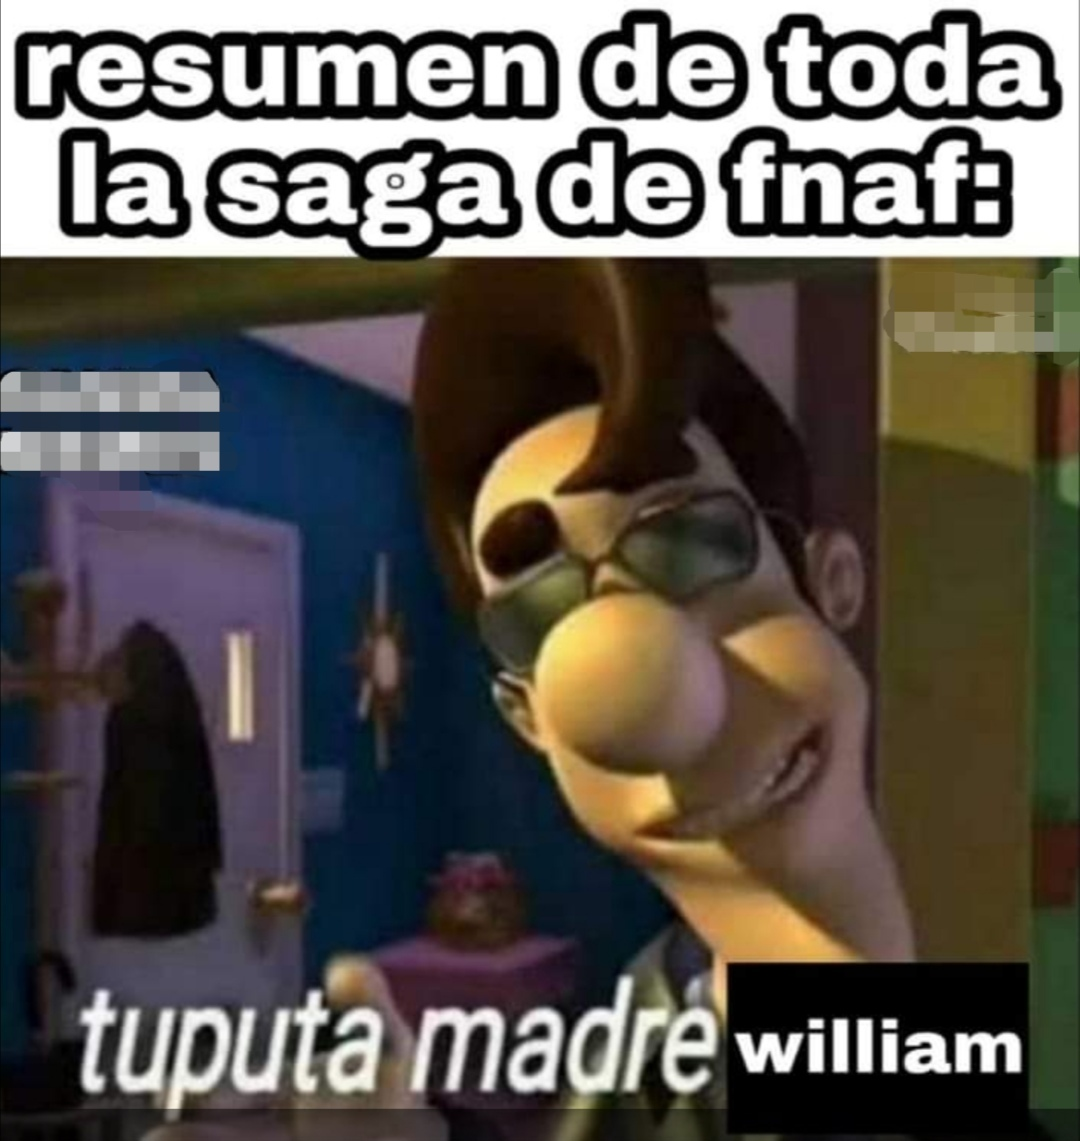 Robado de facebook x4 - meme